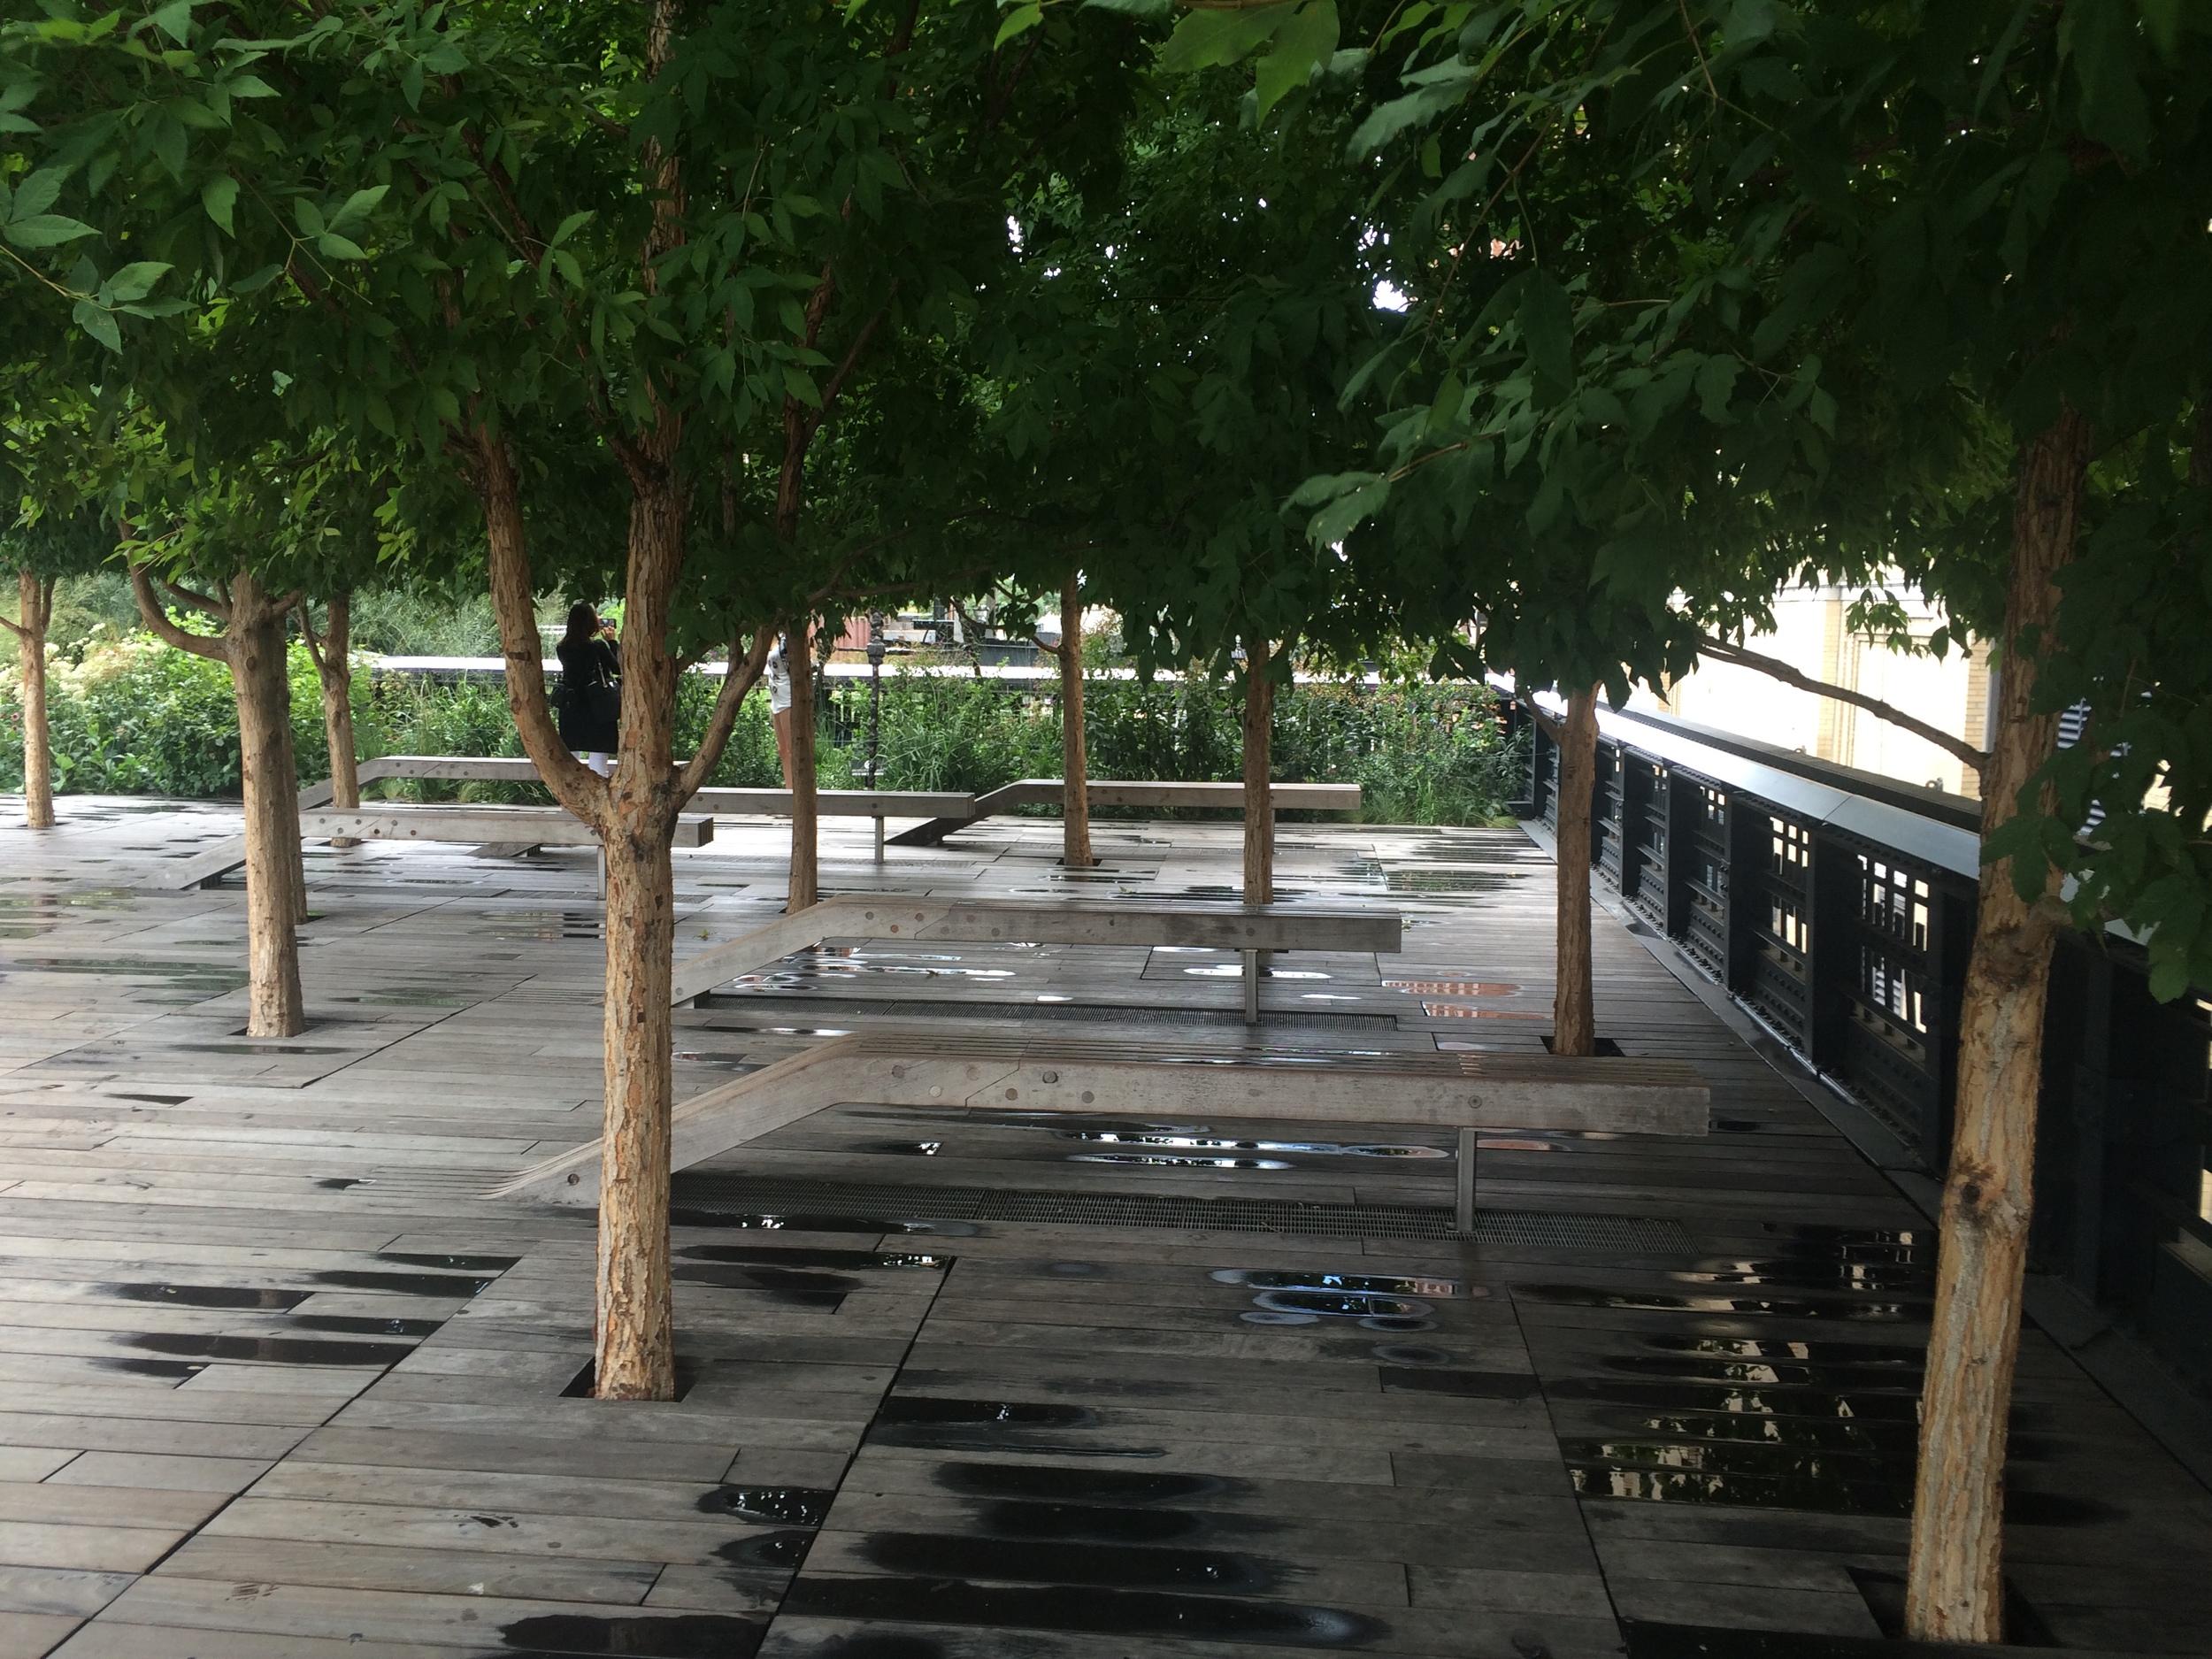 Rozšířené prostory nadzemních konstrukcí jsou použity například jako malá náměstíčka. Samozřejmě plná zeleně. (foto: Libor Hinčica)